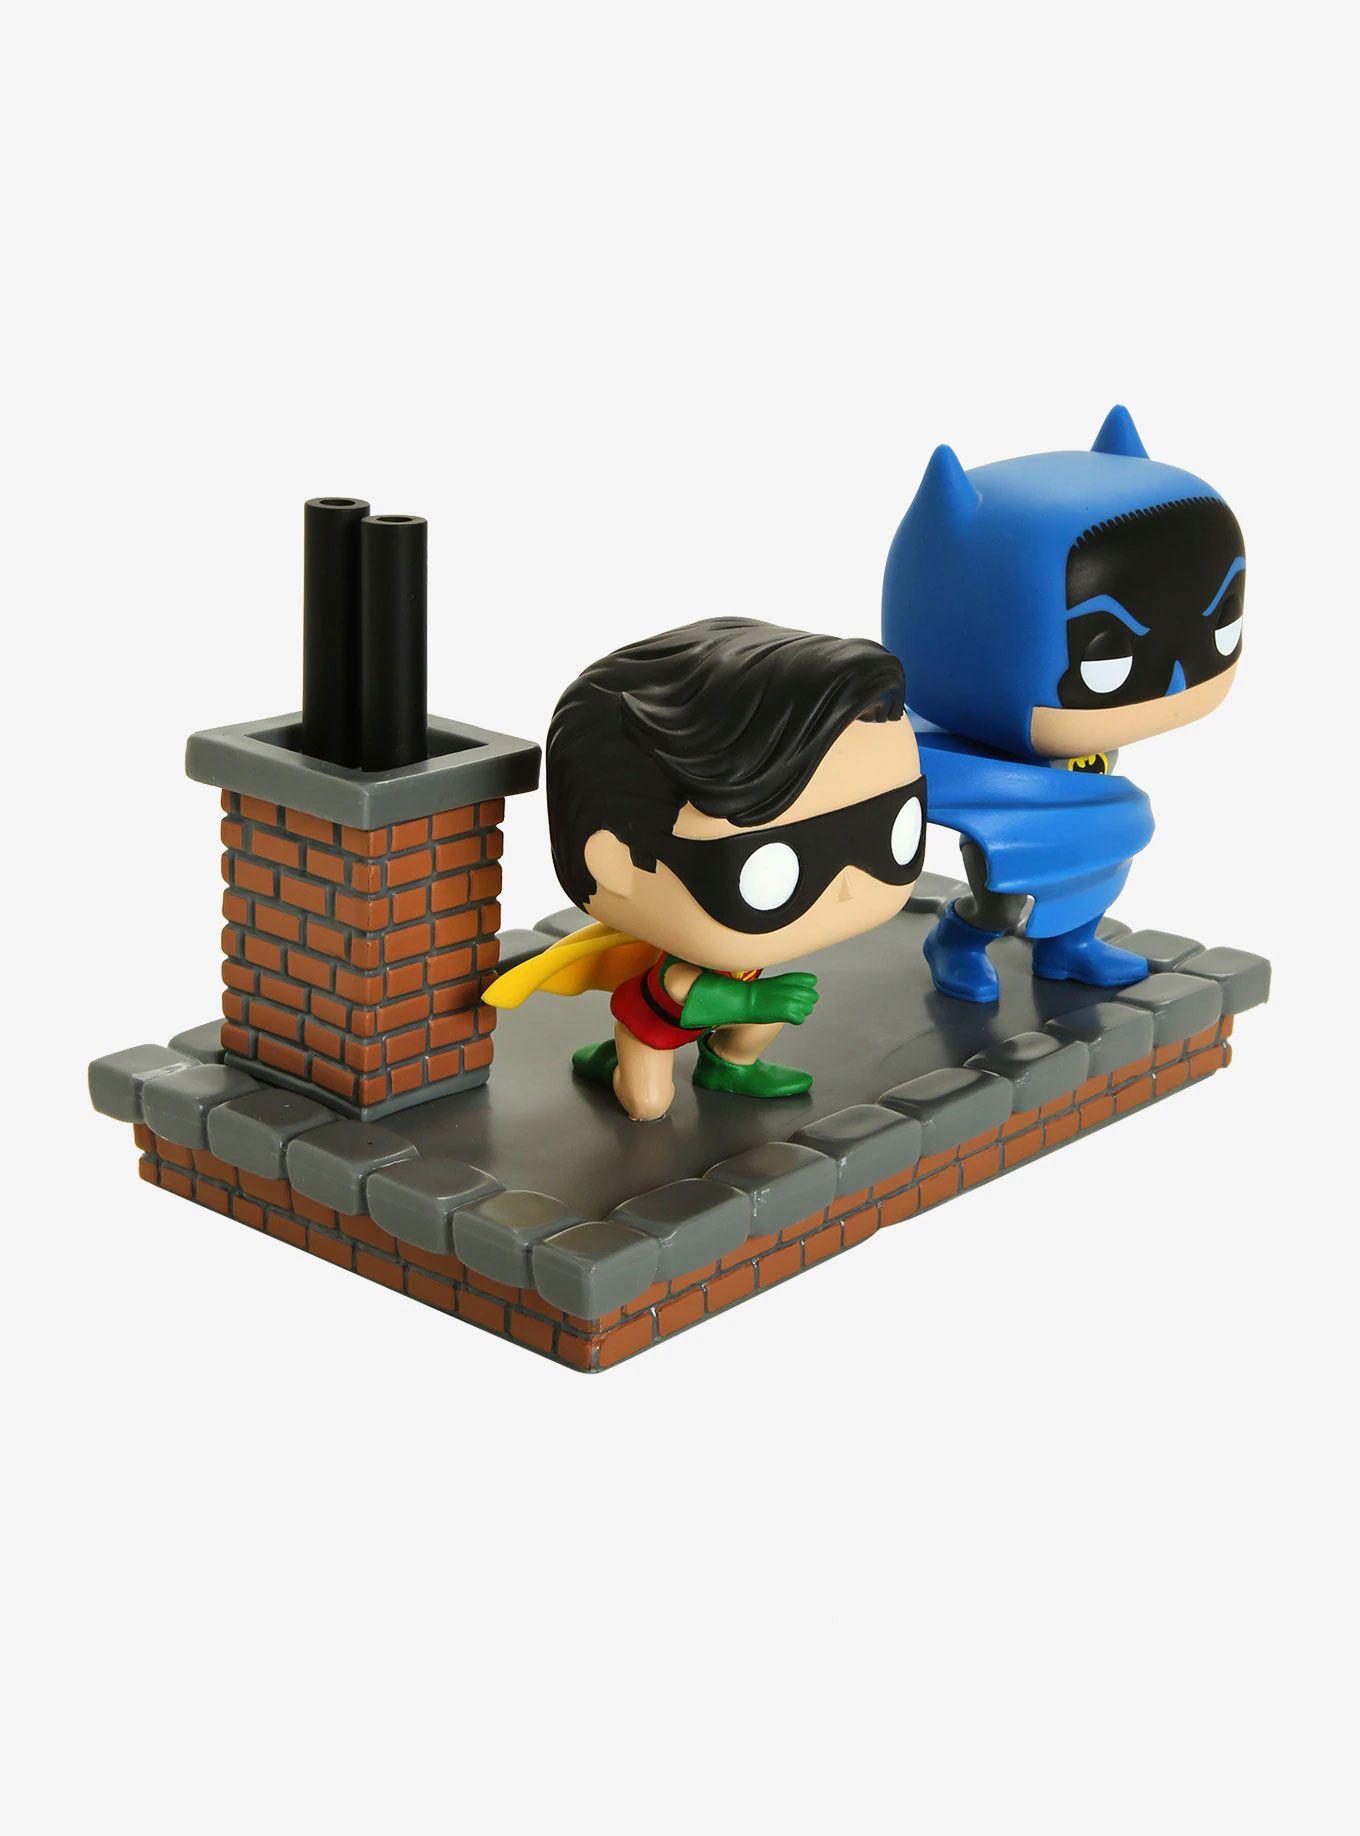 Batman and Robin #281 - New Look Batman 1964 - Comic Moments - Funko Pop! Heroes